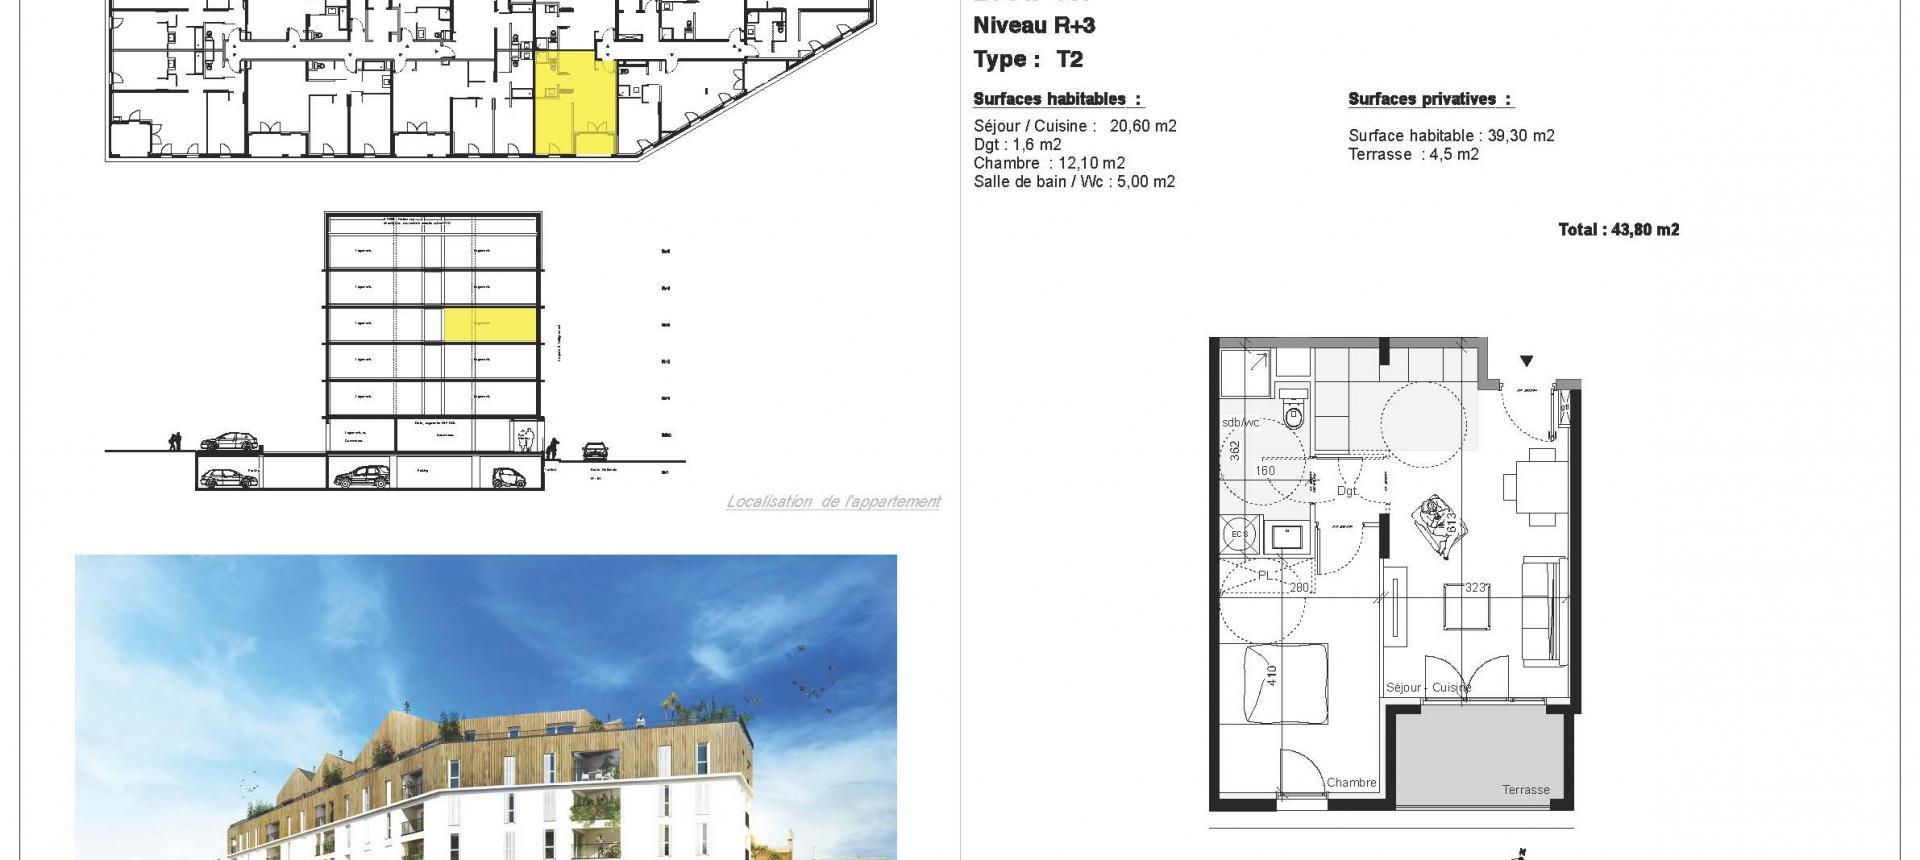 PLAN - Vente appartement T2 à Ajaccio secteur Mezzavia